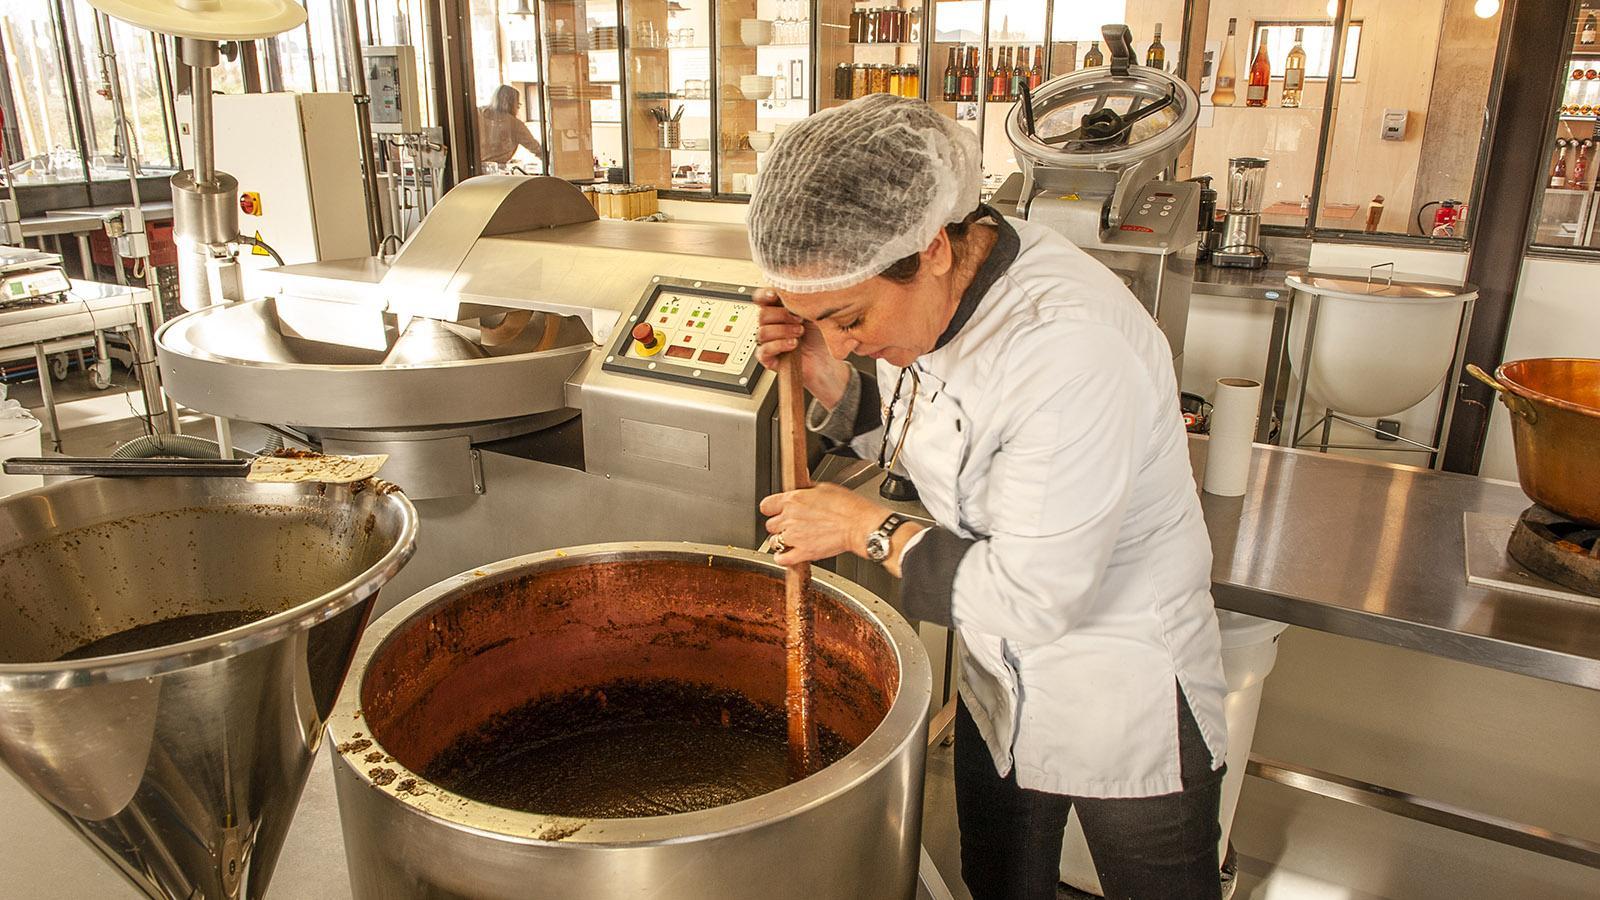 aix & terra: Marina Alibert bei der Herstellung von ihren Dips und Tapenaden. Foto: Hilke MaunderMarina Alibert bei der Herstellung von ihren Dips und Tapenaden. Foto: Hilke Maunder